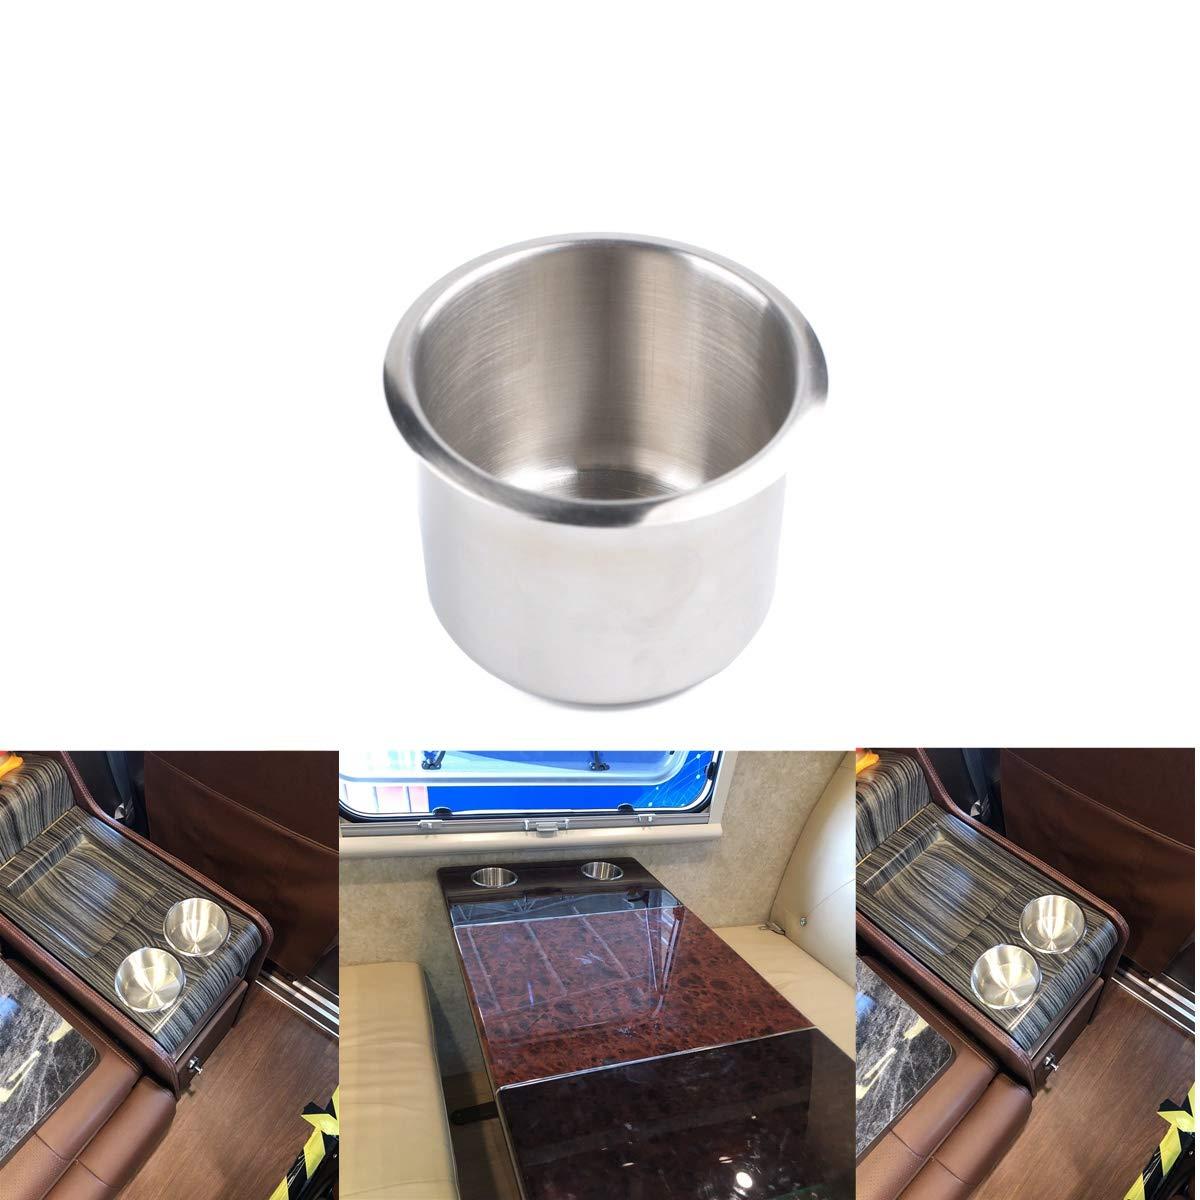 6,8 X 5,5 Cm Semoic 10 Solo Portabicchieri per Bicchieri da Barca Portabevande nel Acciaio Inossidabile